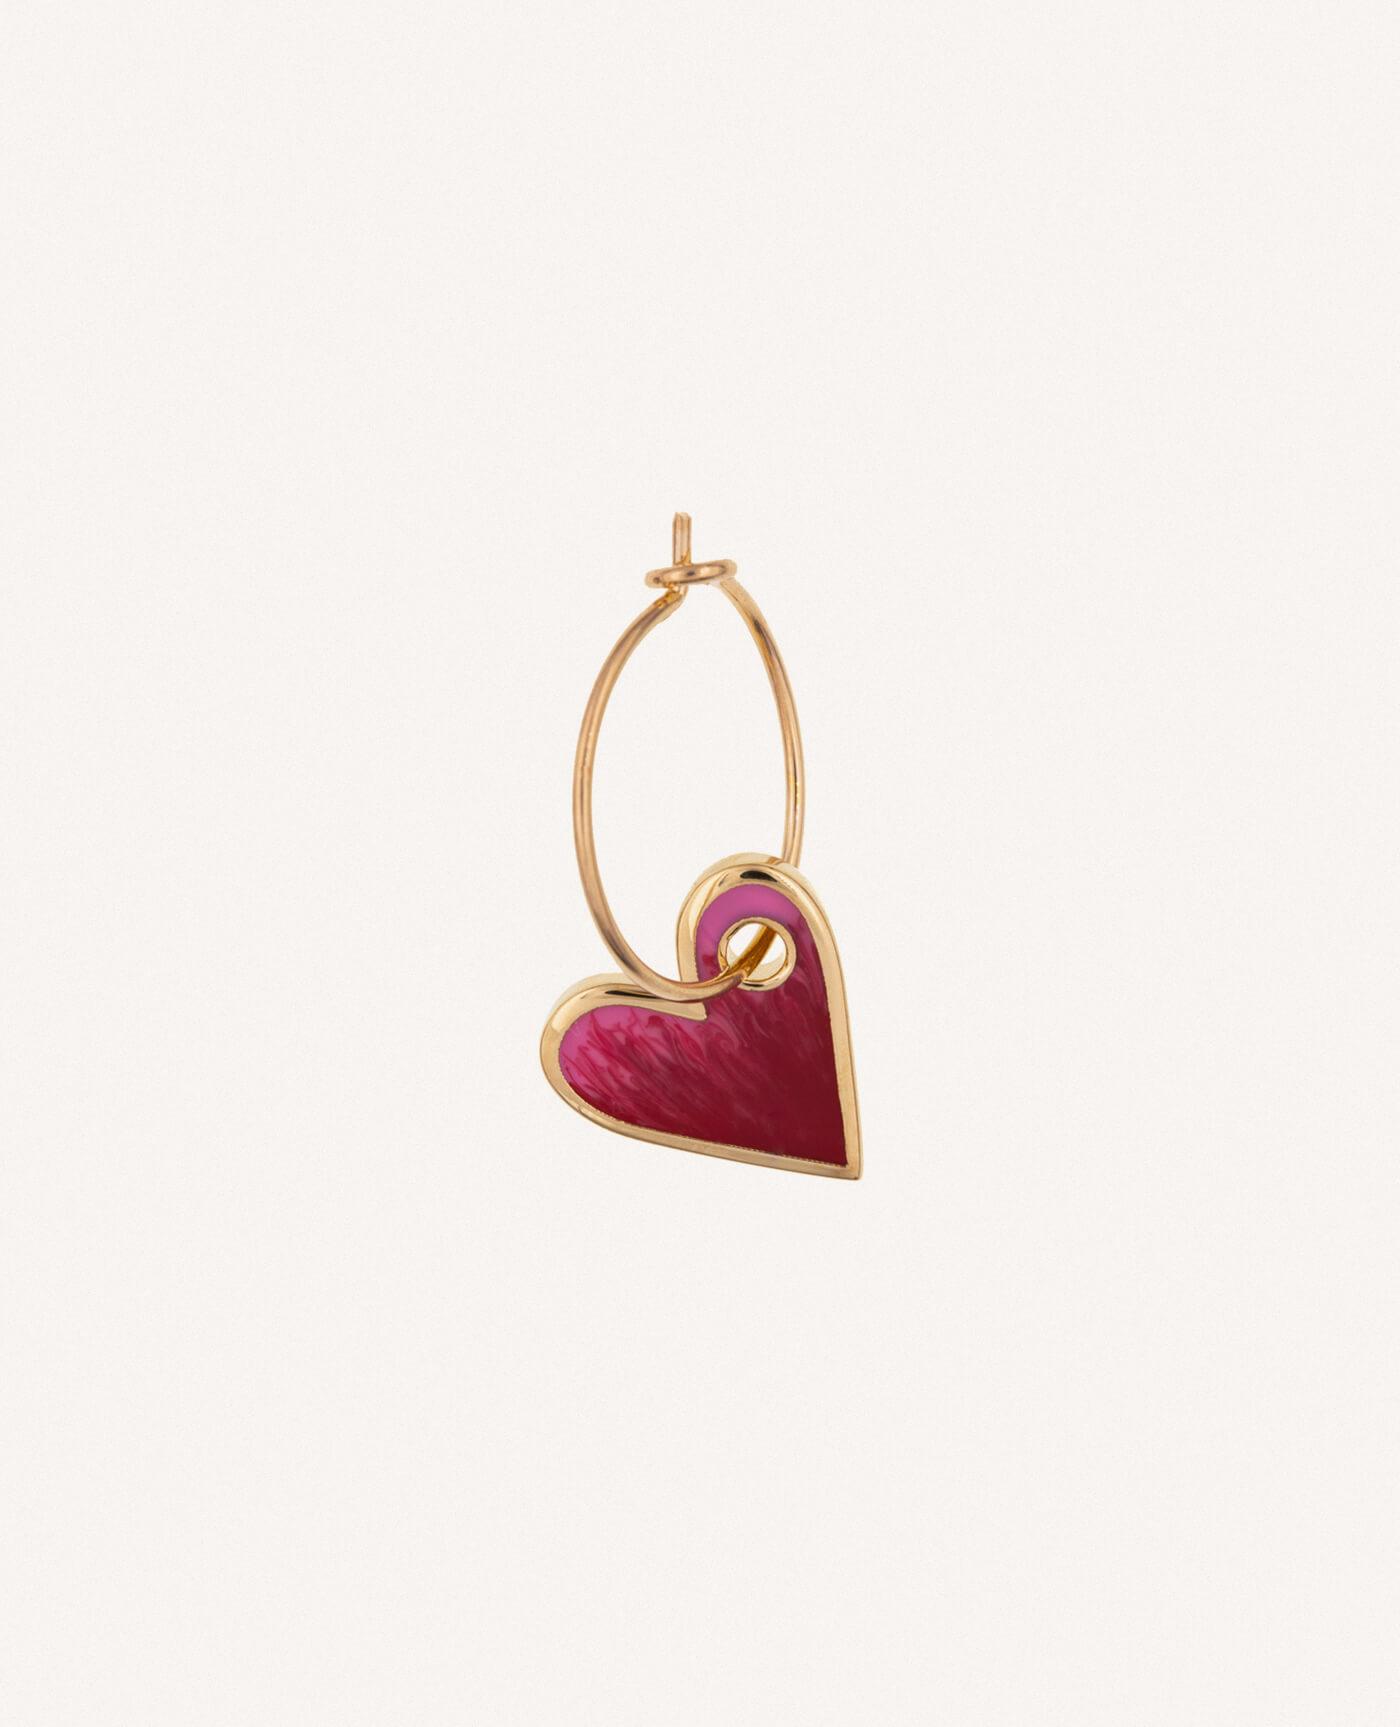 boucle d'oreille créole charm coeur rose de la maque Luj Paris